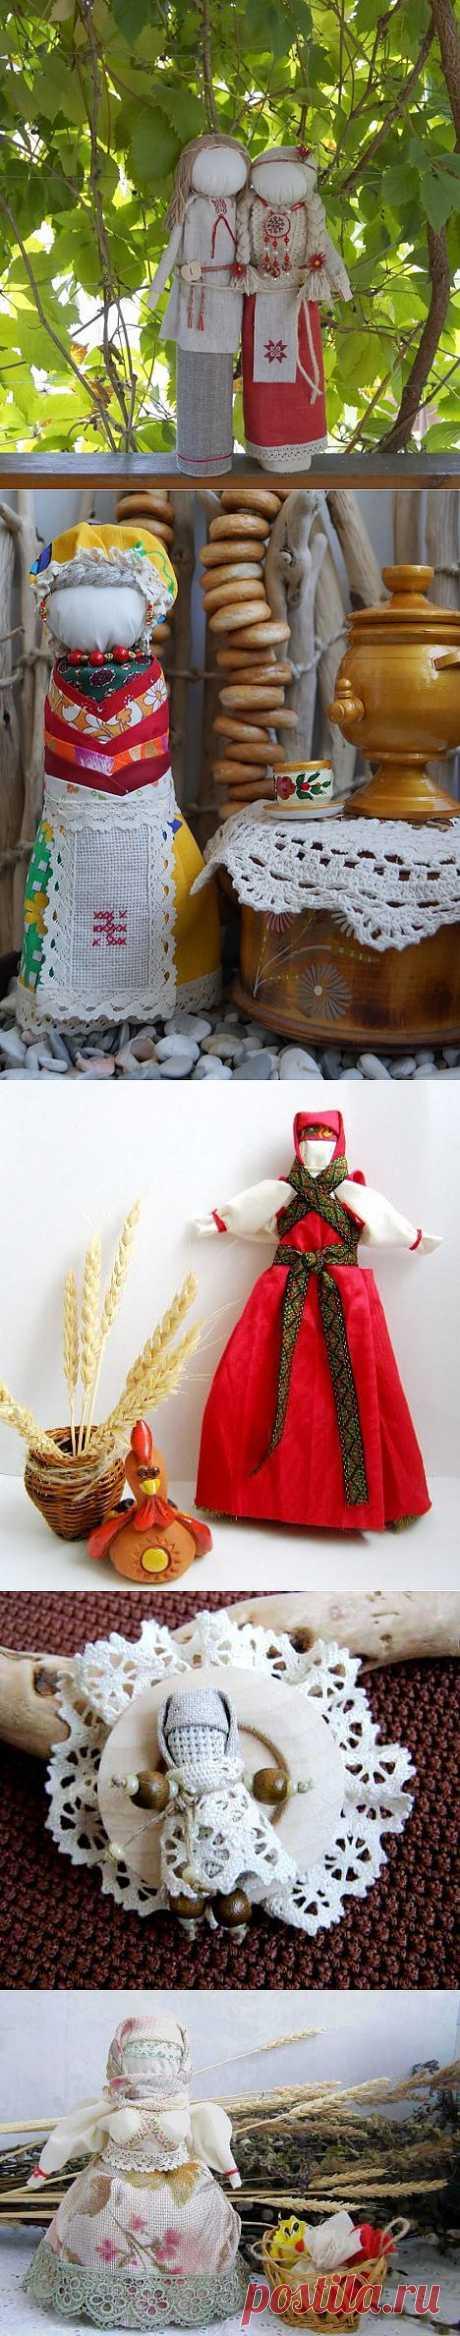 Еще немного про куклы. Куклы-обереги в Славянской культуре. Часть 2.